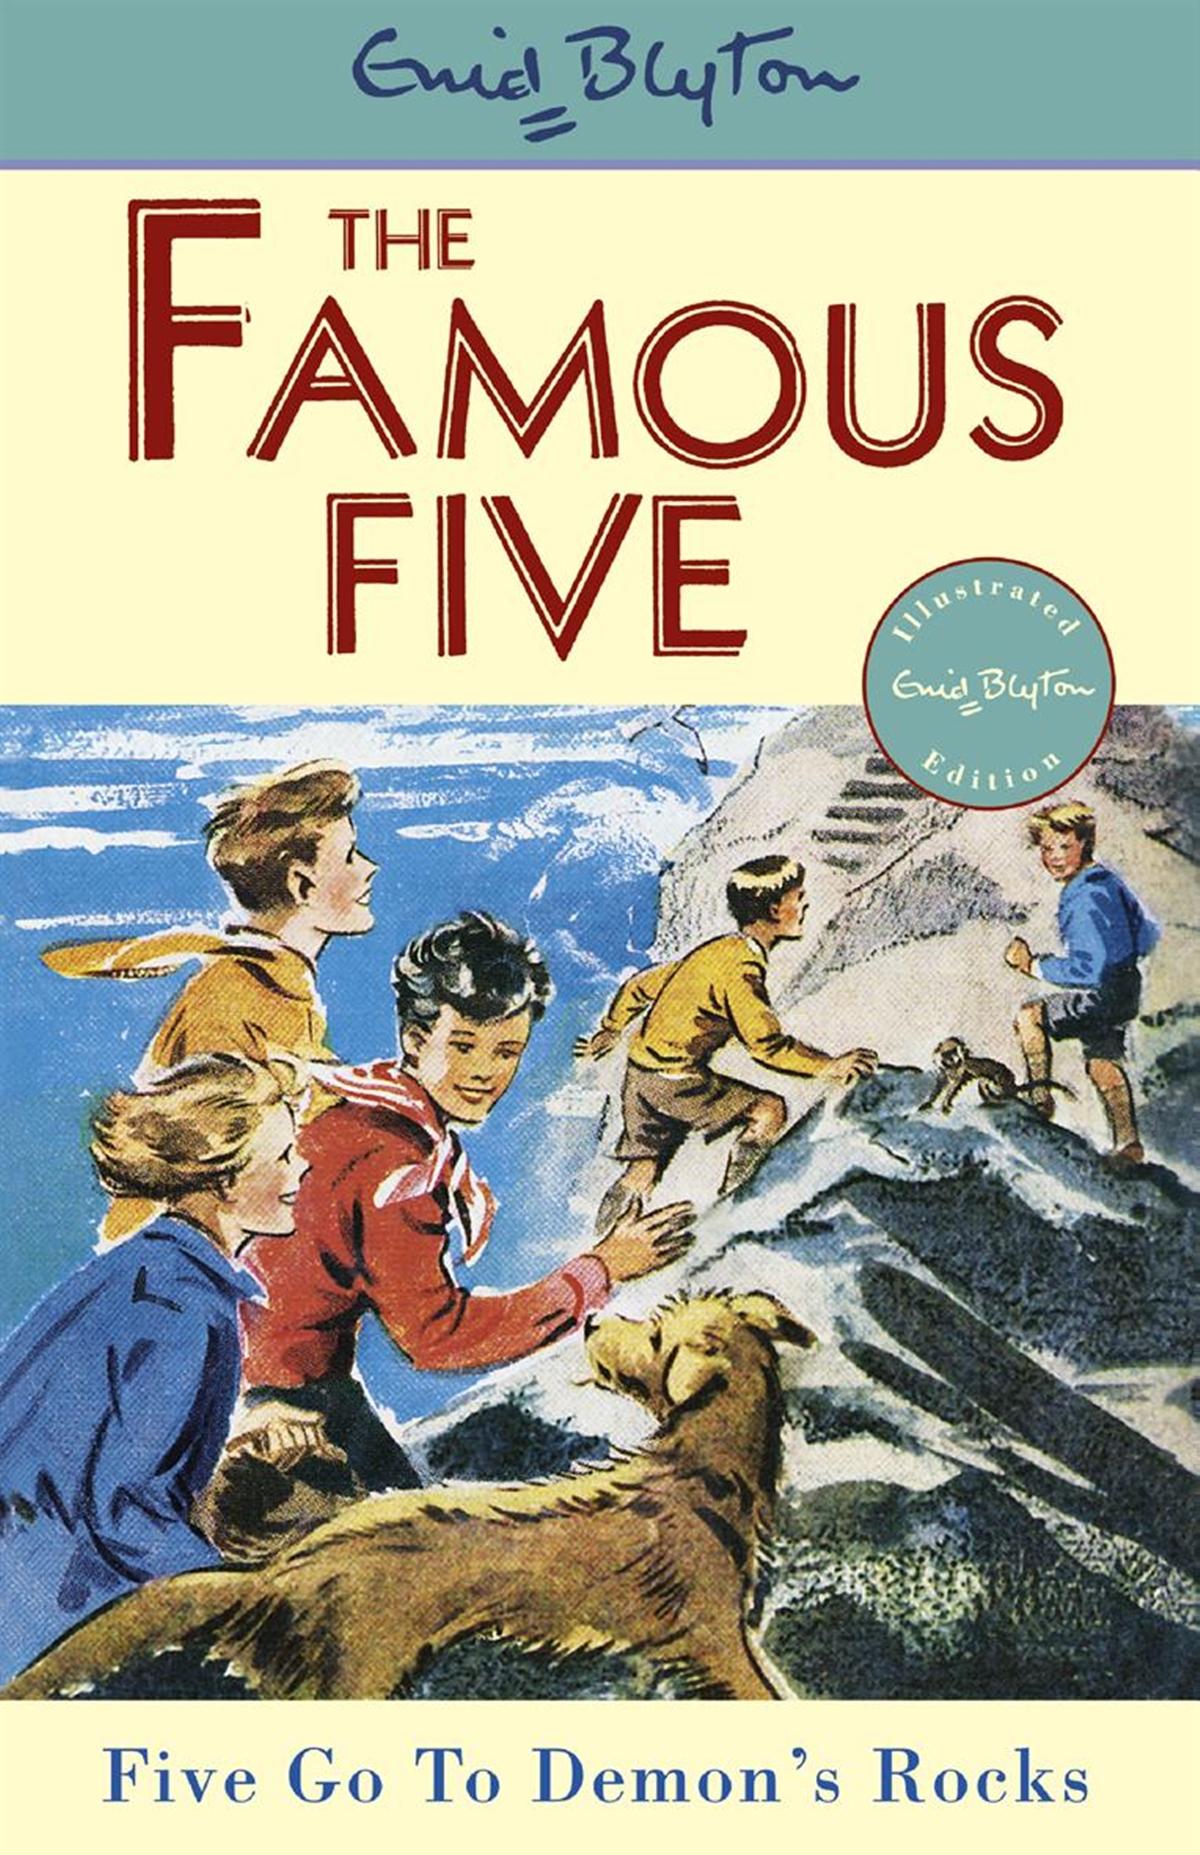 1 14 12 Enid Blyton Books We Loved Reading As Children